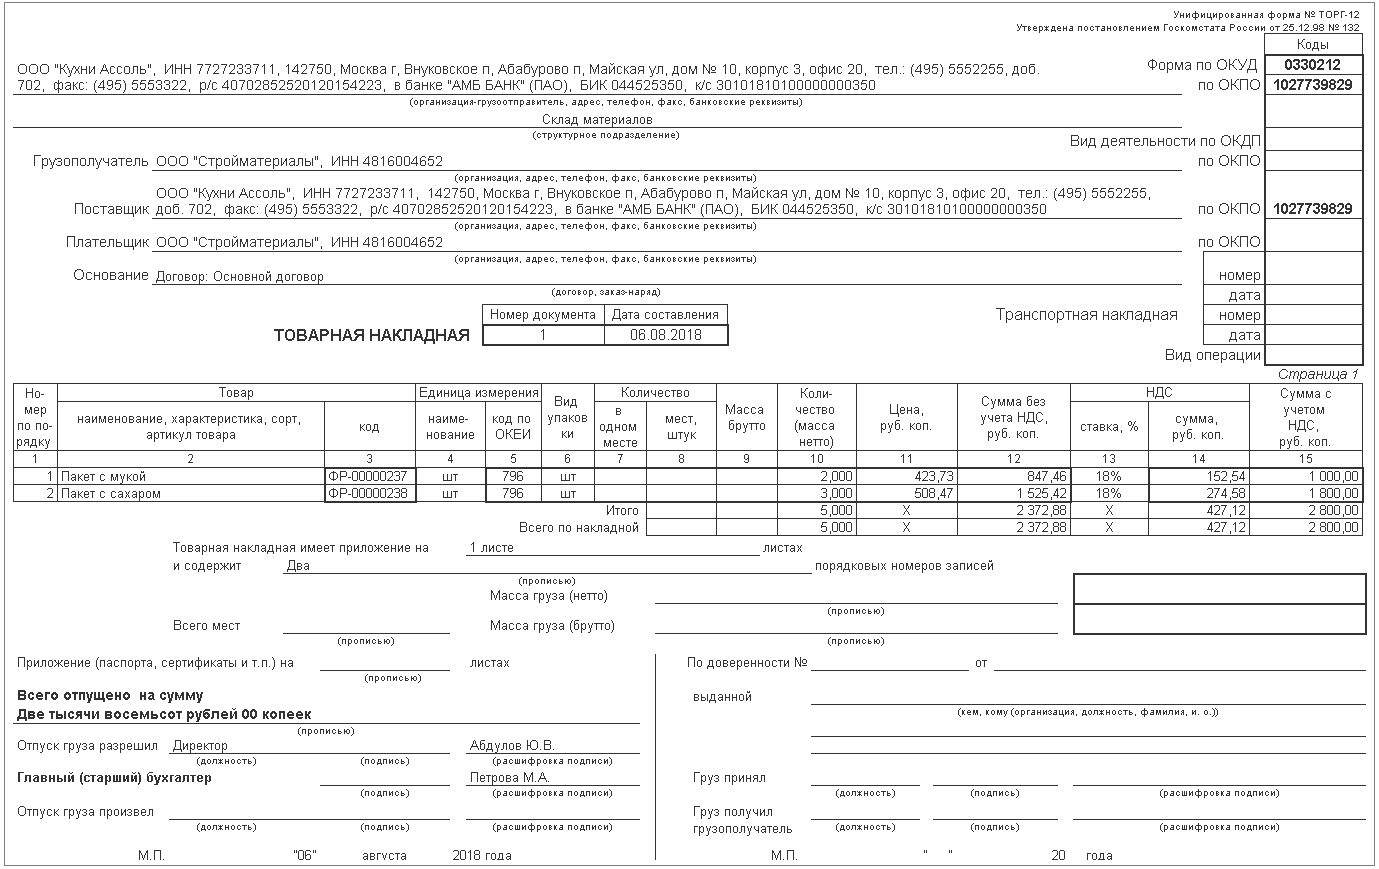 ТОРГ-12 для документа Расходная накладная в 1С УНФ 1.6 (С услугами)(Внешняя печатная форма)